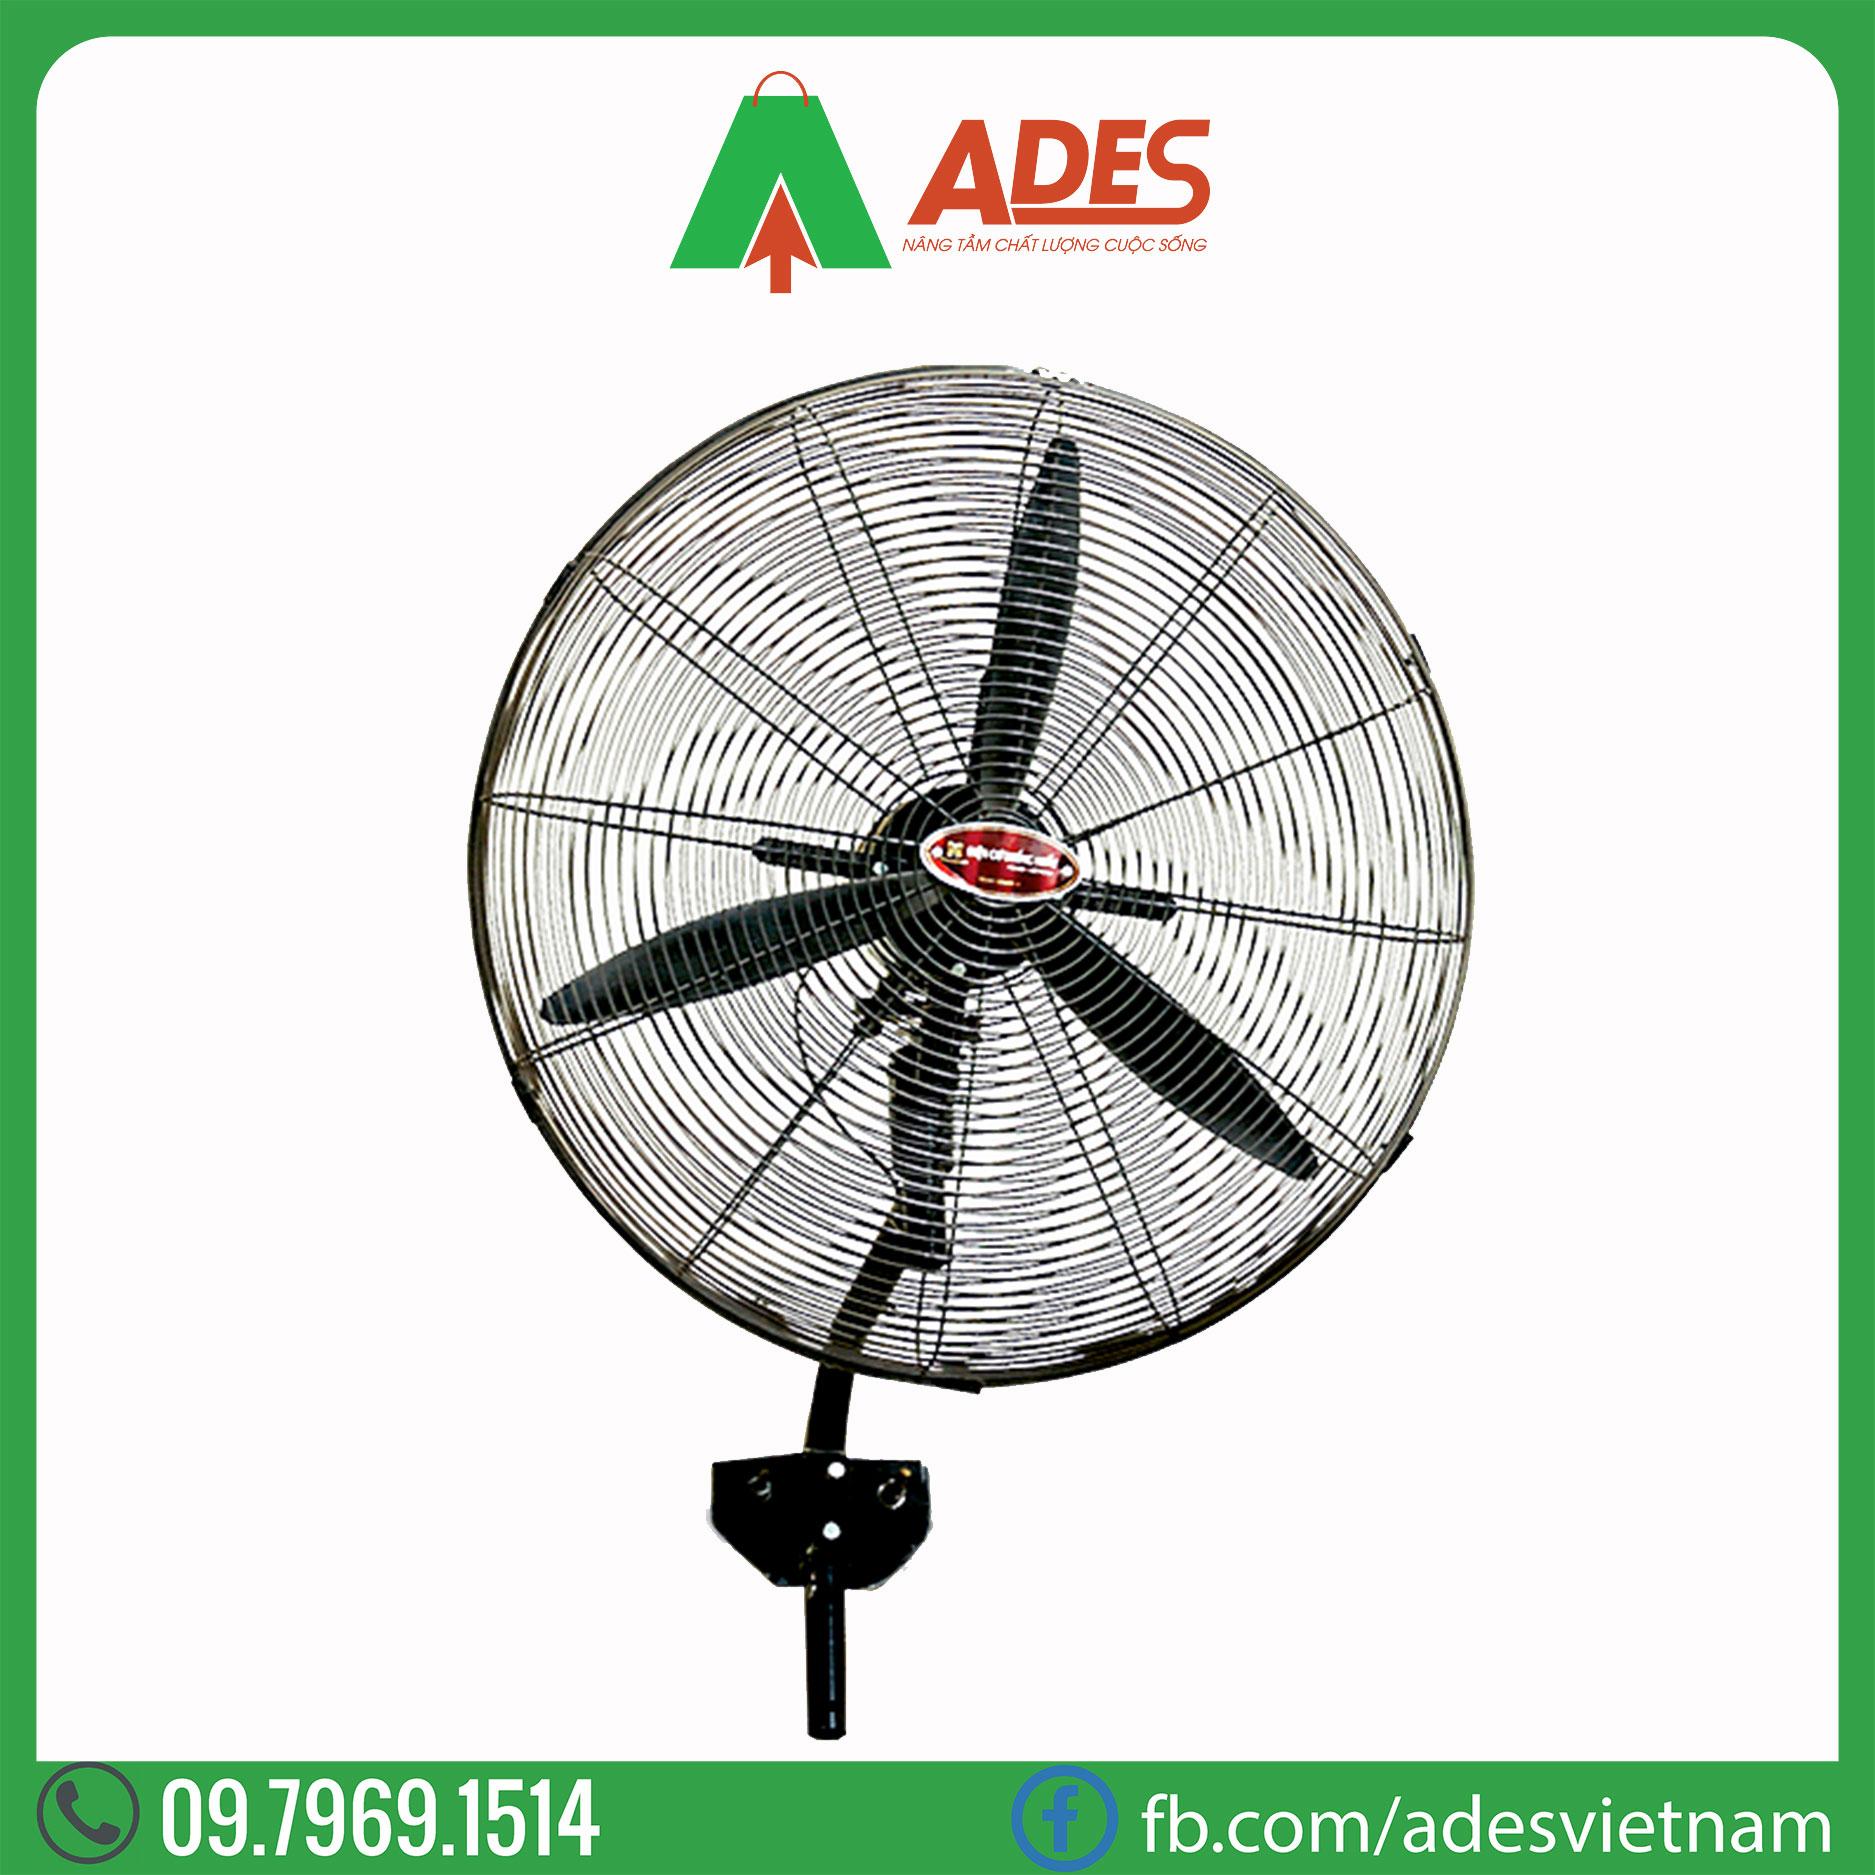 Quat treo tuong Vinawind QTT 750D Dien may ADES